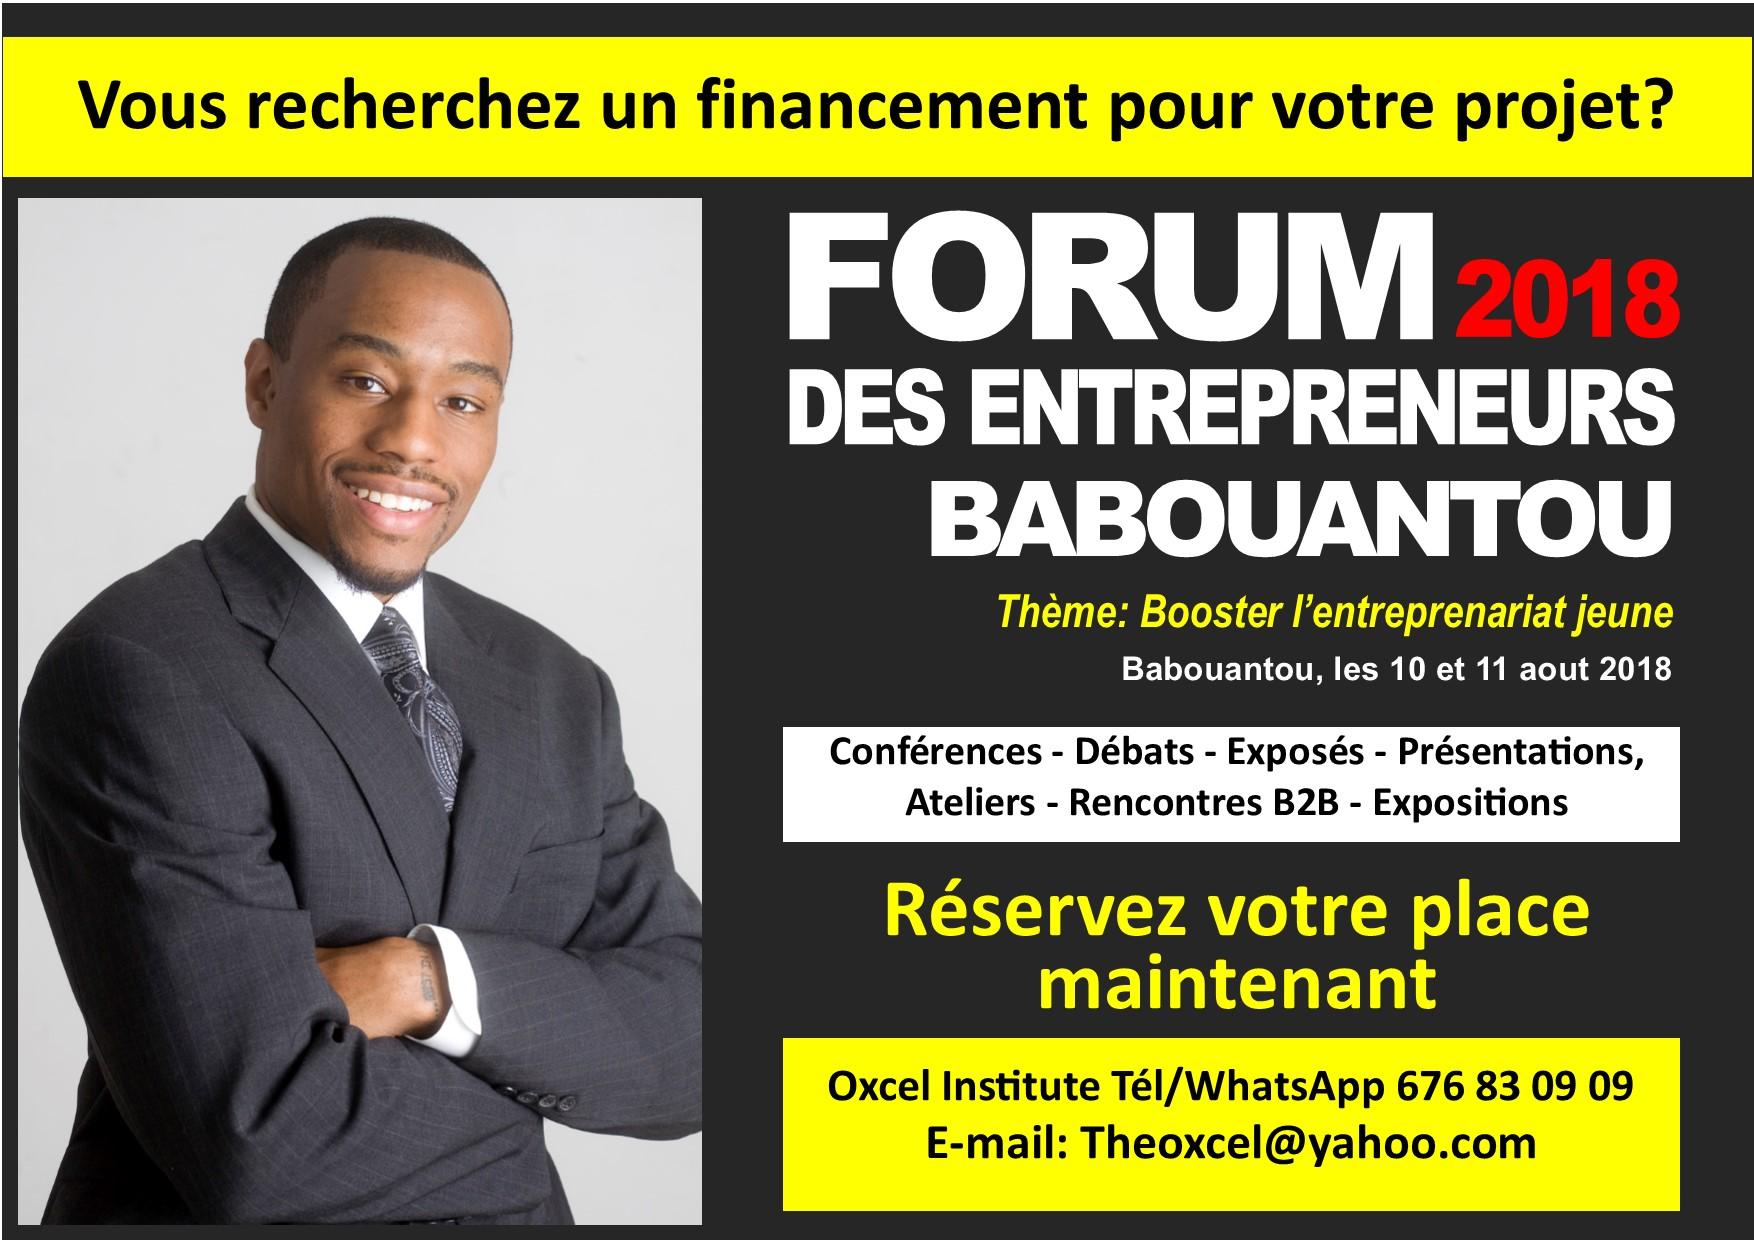 Forum_des_entrepreneurs_Babouantou